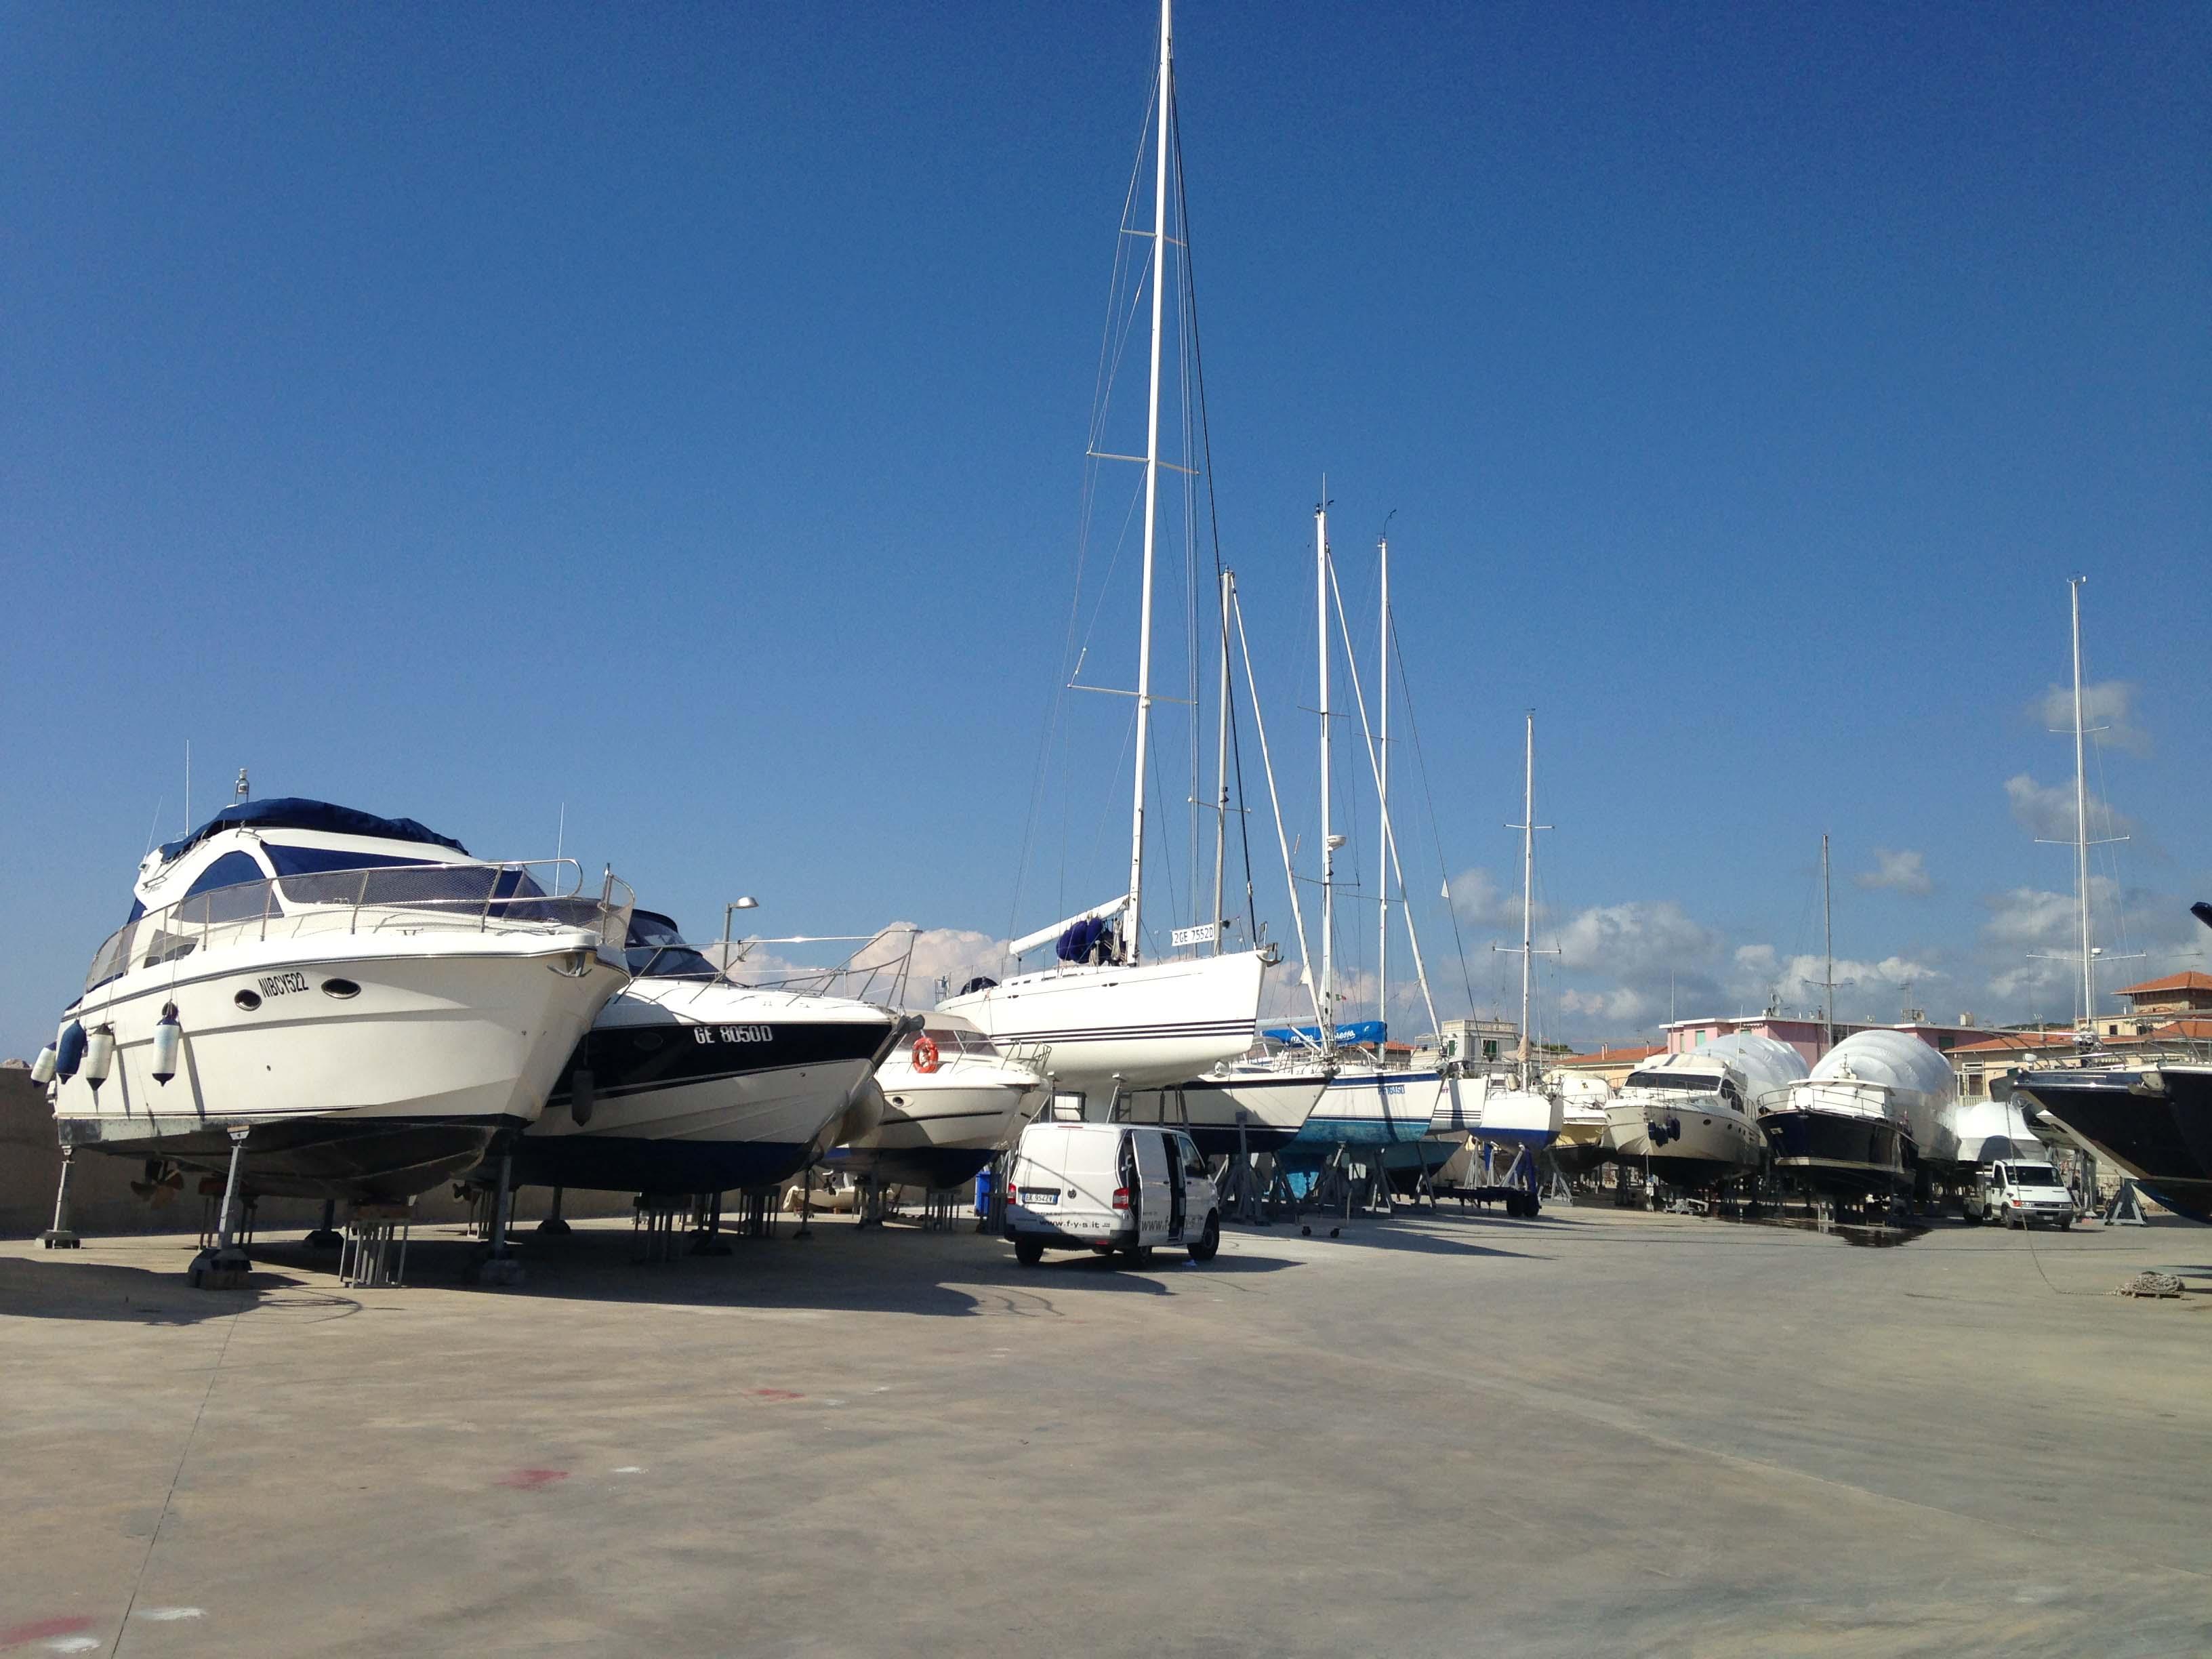 cantieristica#fys#yachtservice#toscana